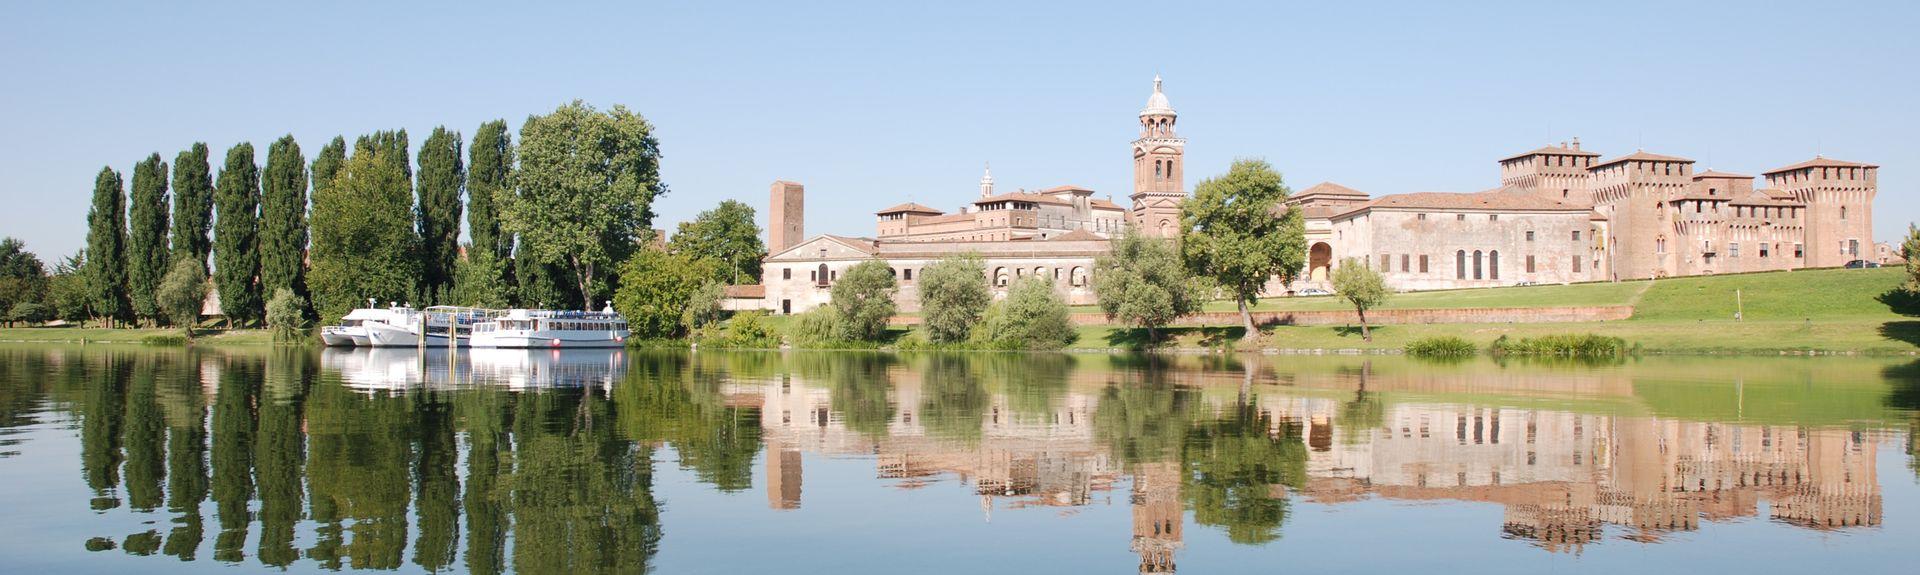 Salus-ziekenhuis, Reggio nell'Emilia, Emilia-Romagna, Italië